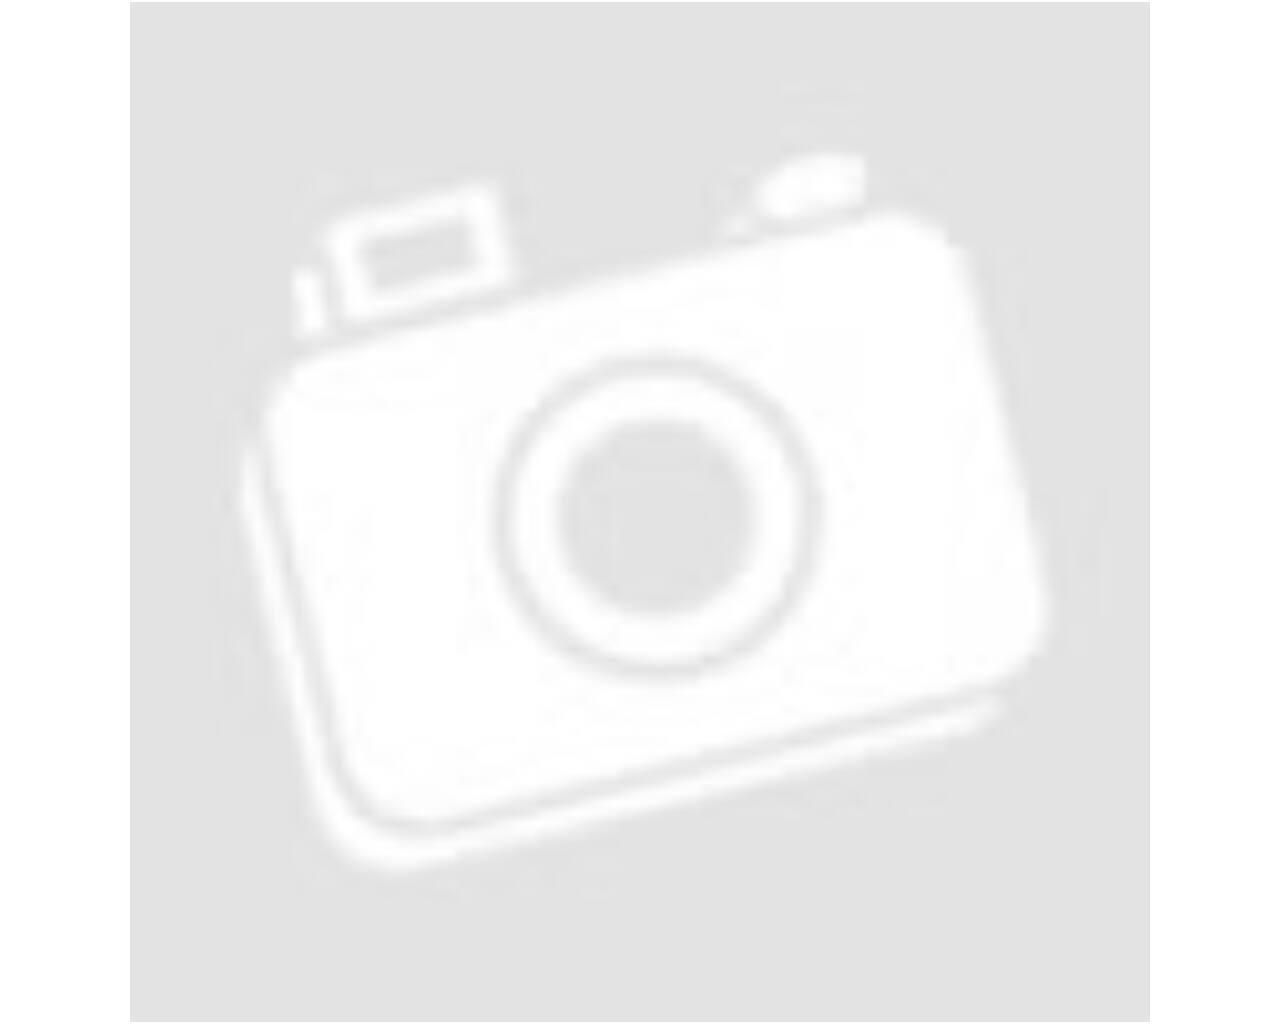 Falióra analóg, kerek, fa, átmérője 31,5 cm